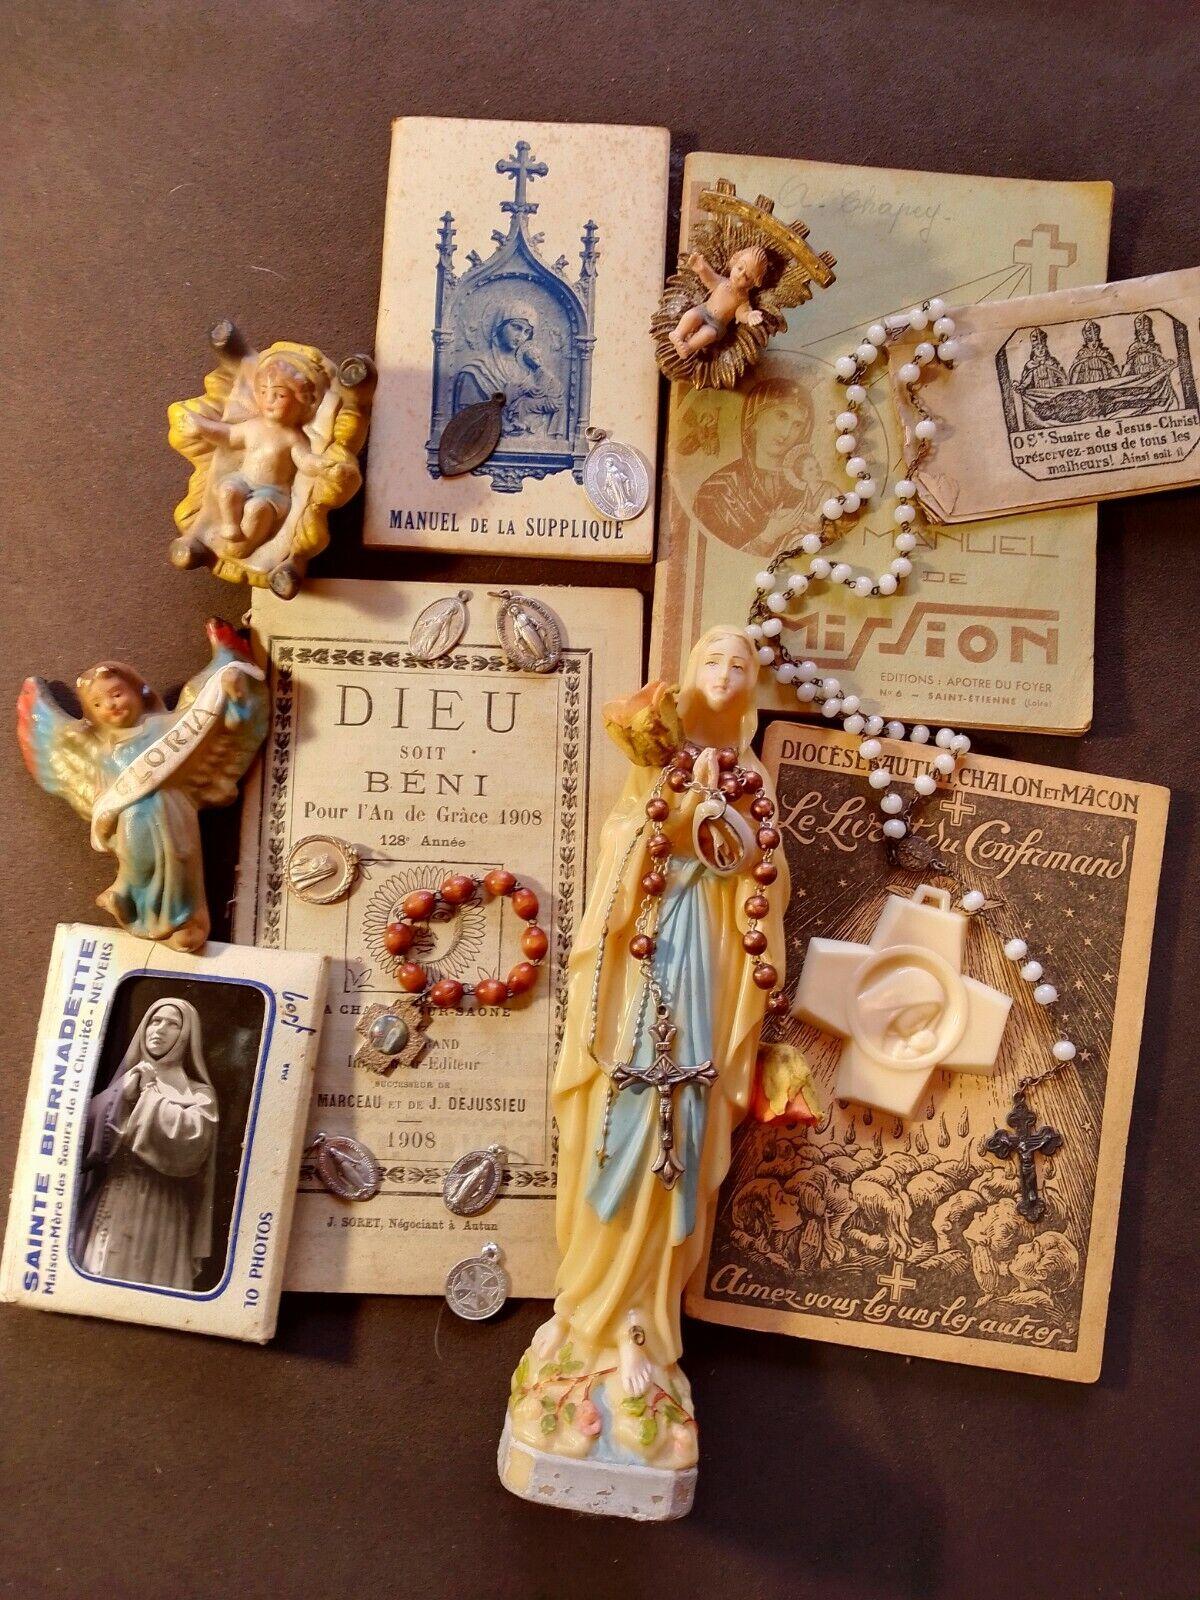 Lot d'objets religieux,religion,santons, médailles, chapelet,catechisme,livres